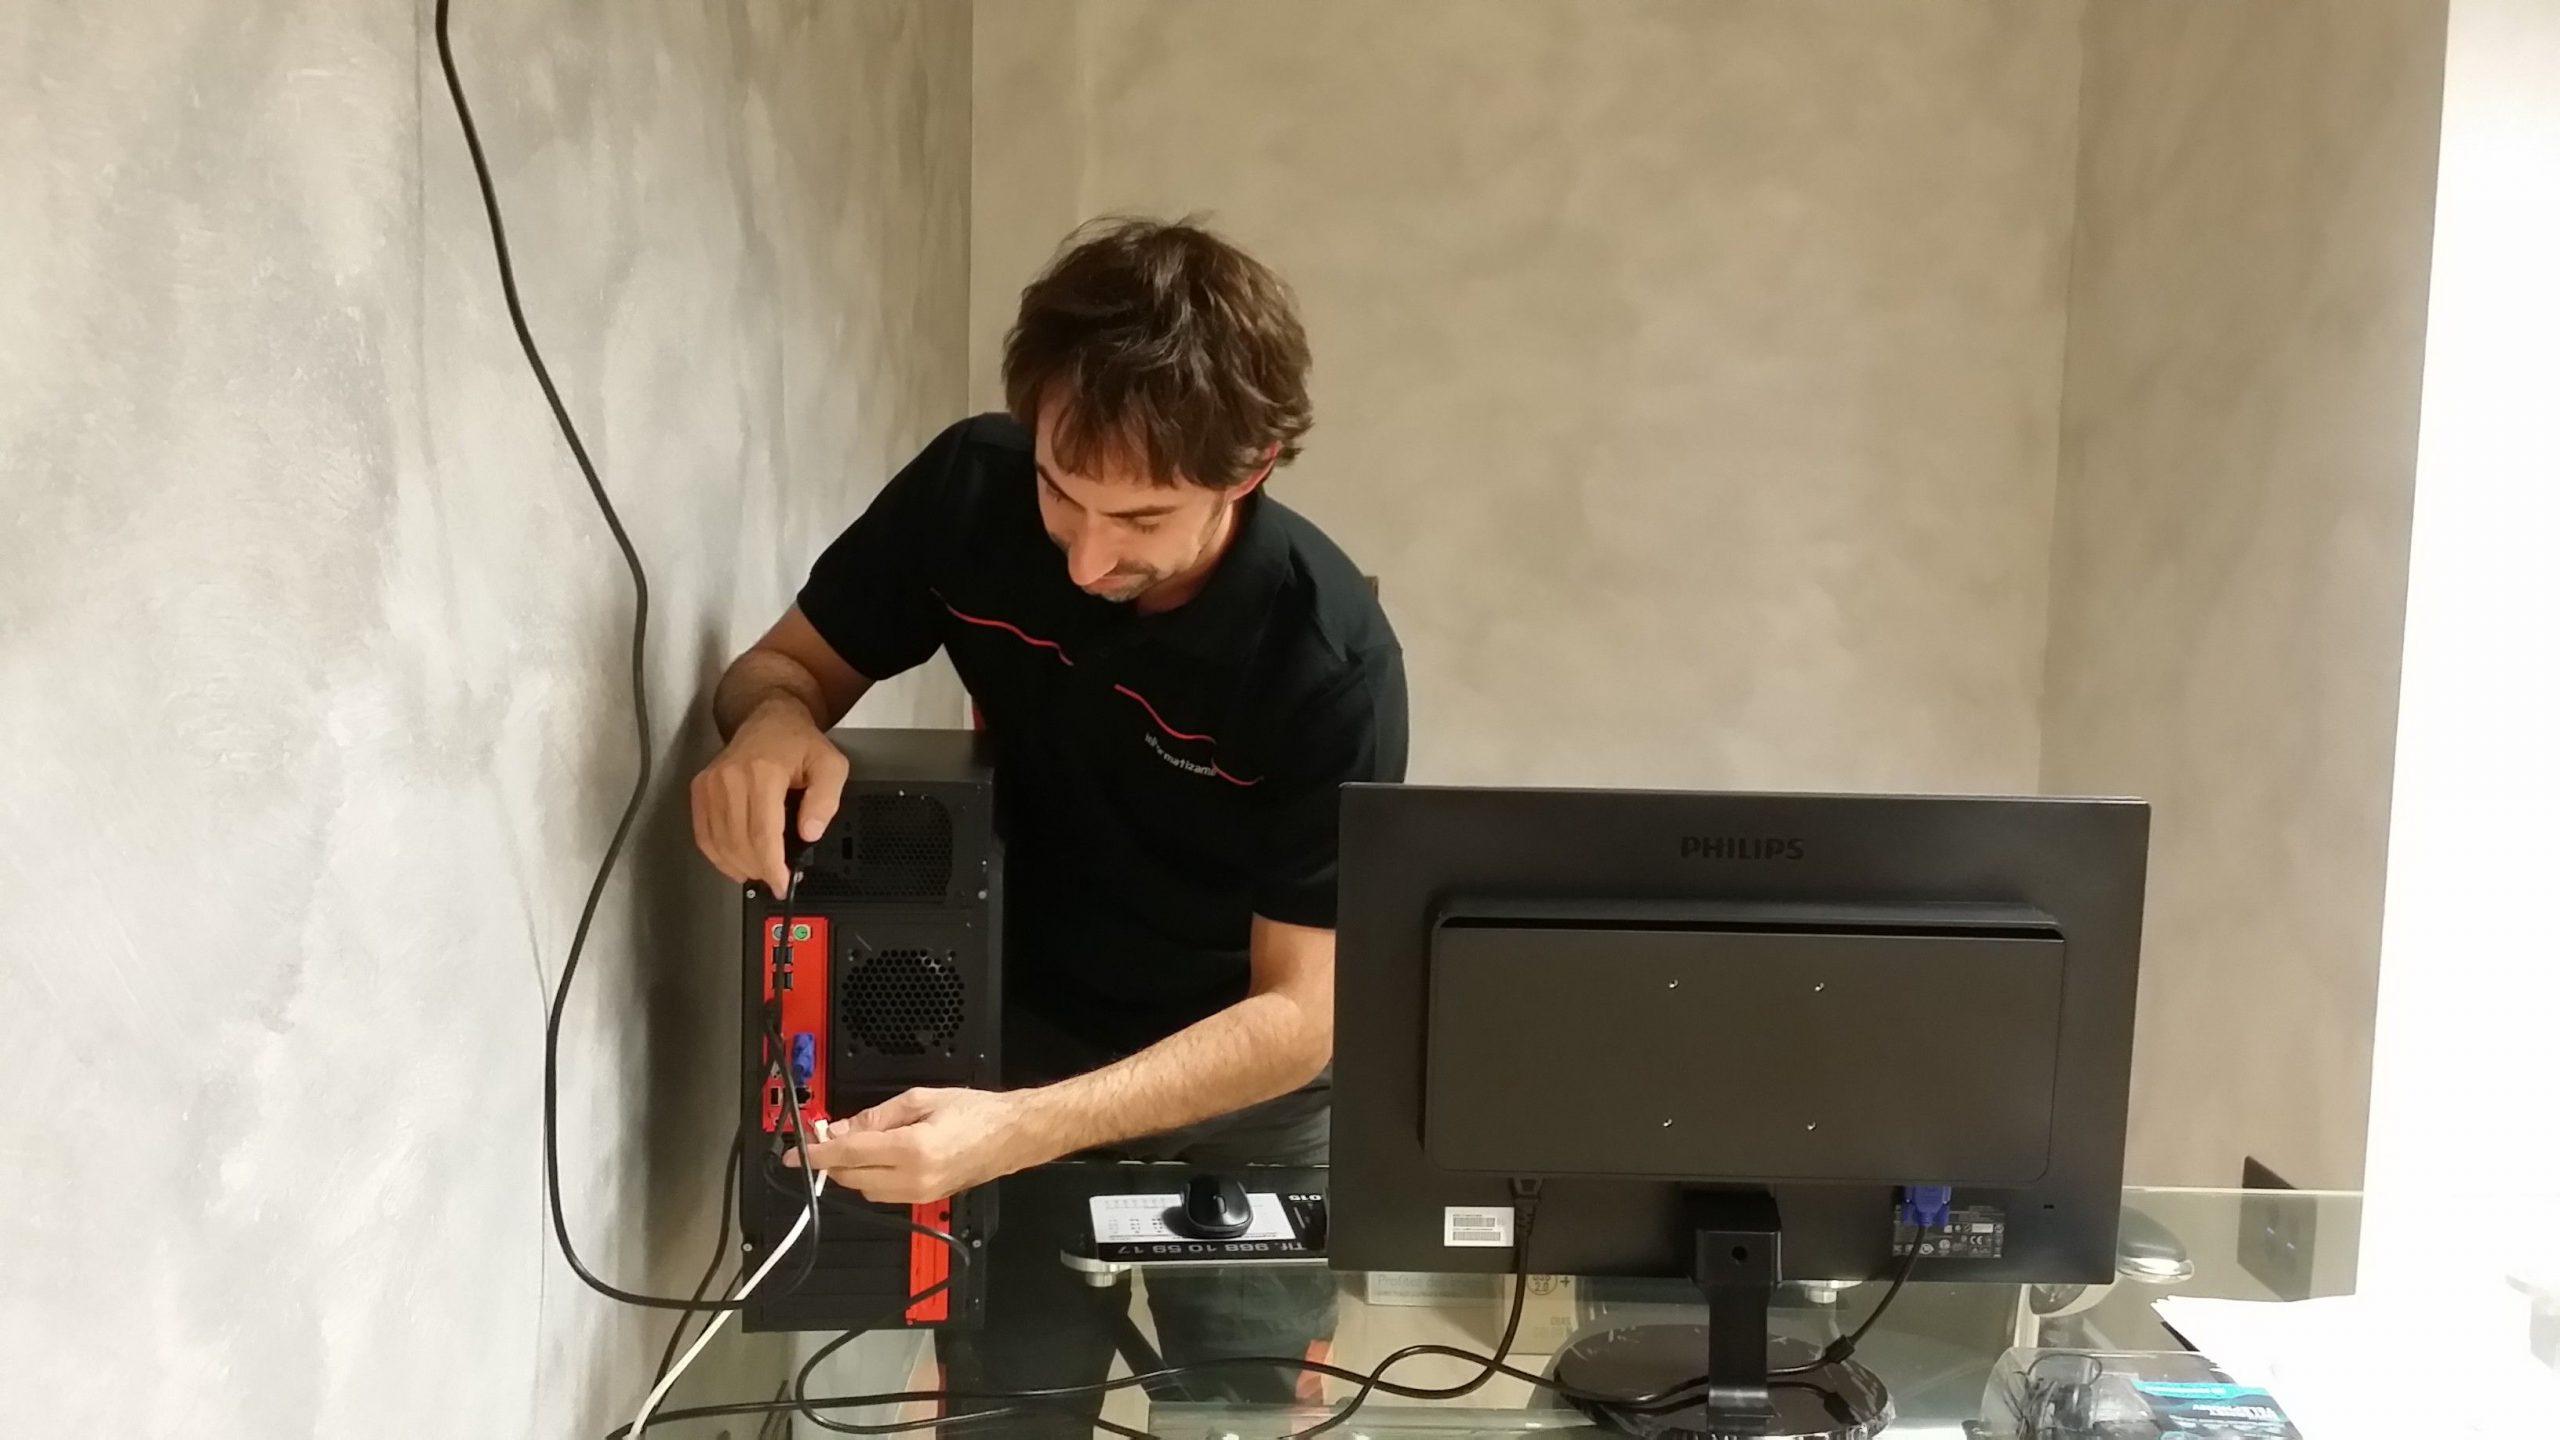 Reparación de ordenadores en Lorquí